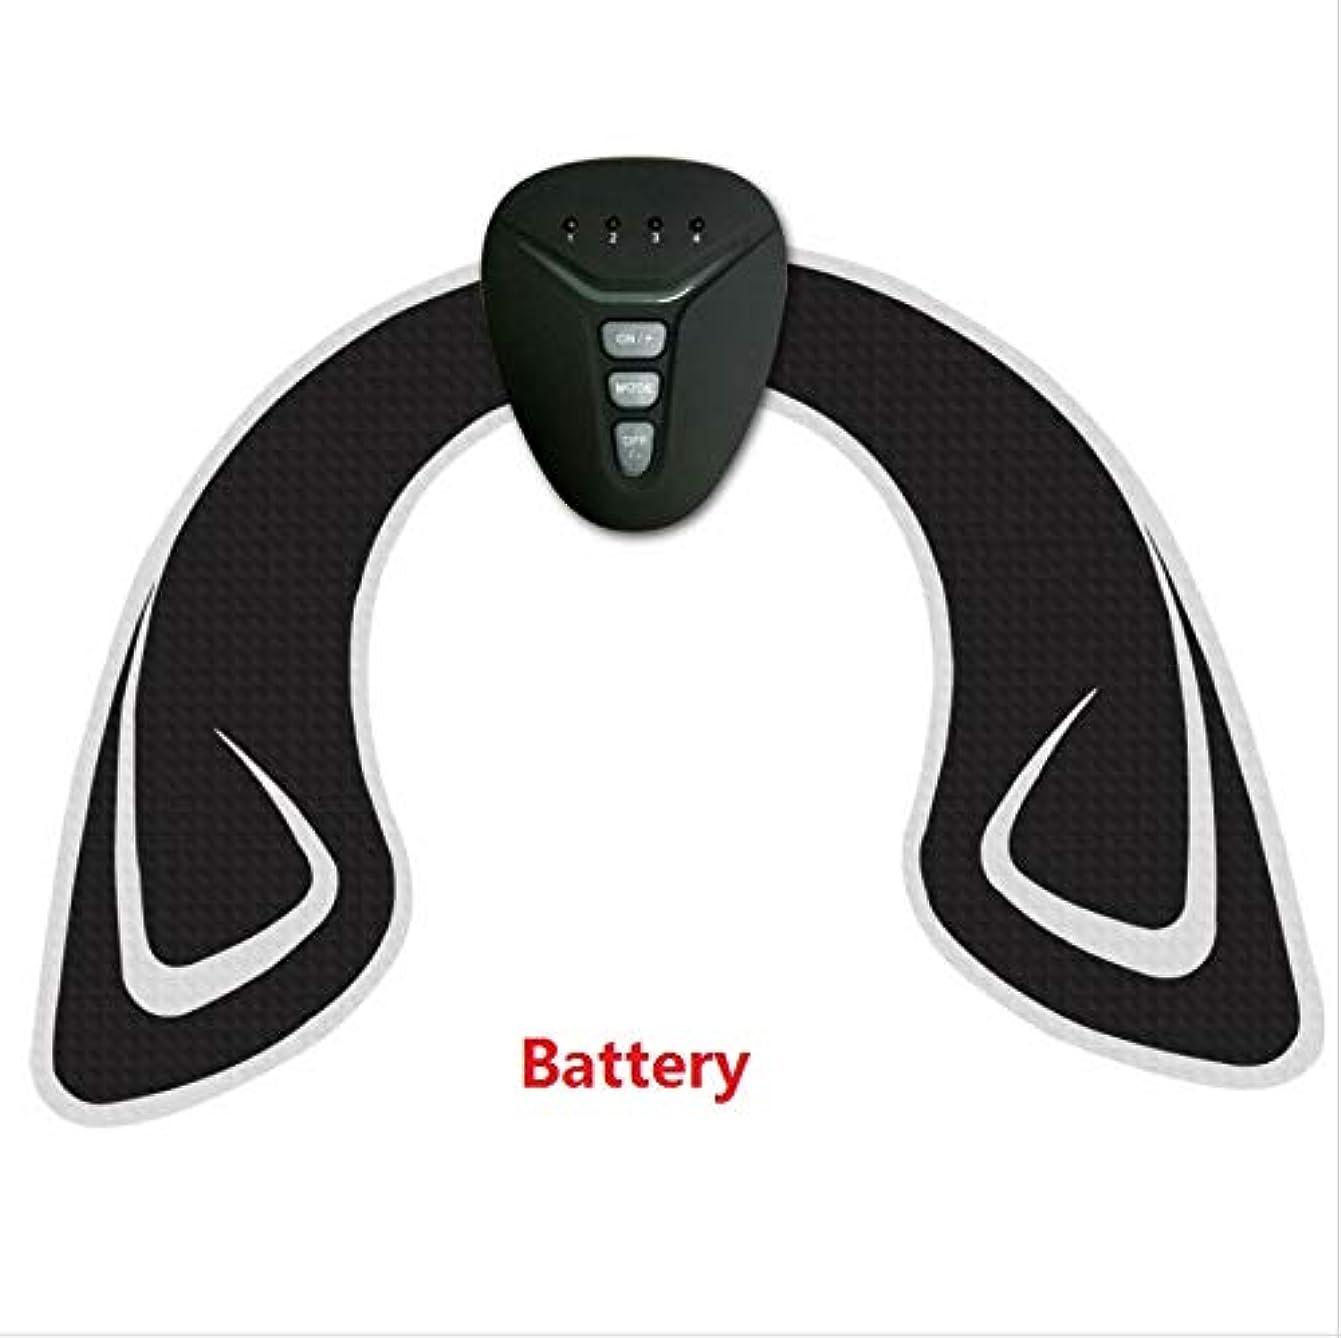 ブランド名迷惑慰めKTYX ユニセックスヒップデバイスFengqi美容ウエストシェイピングボディインストゥルメンツEMSインテリジェントマッサージ機器 マッサージャー (色 : Battery)